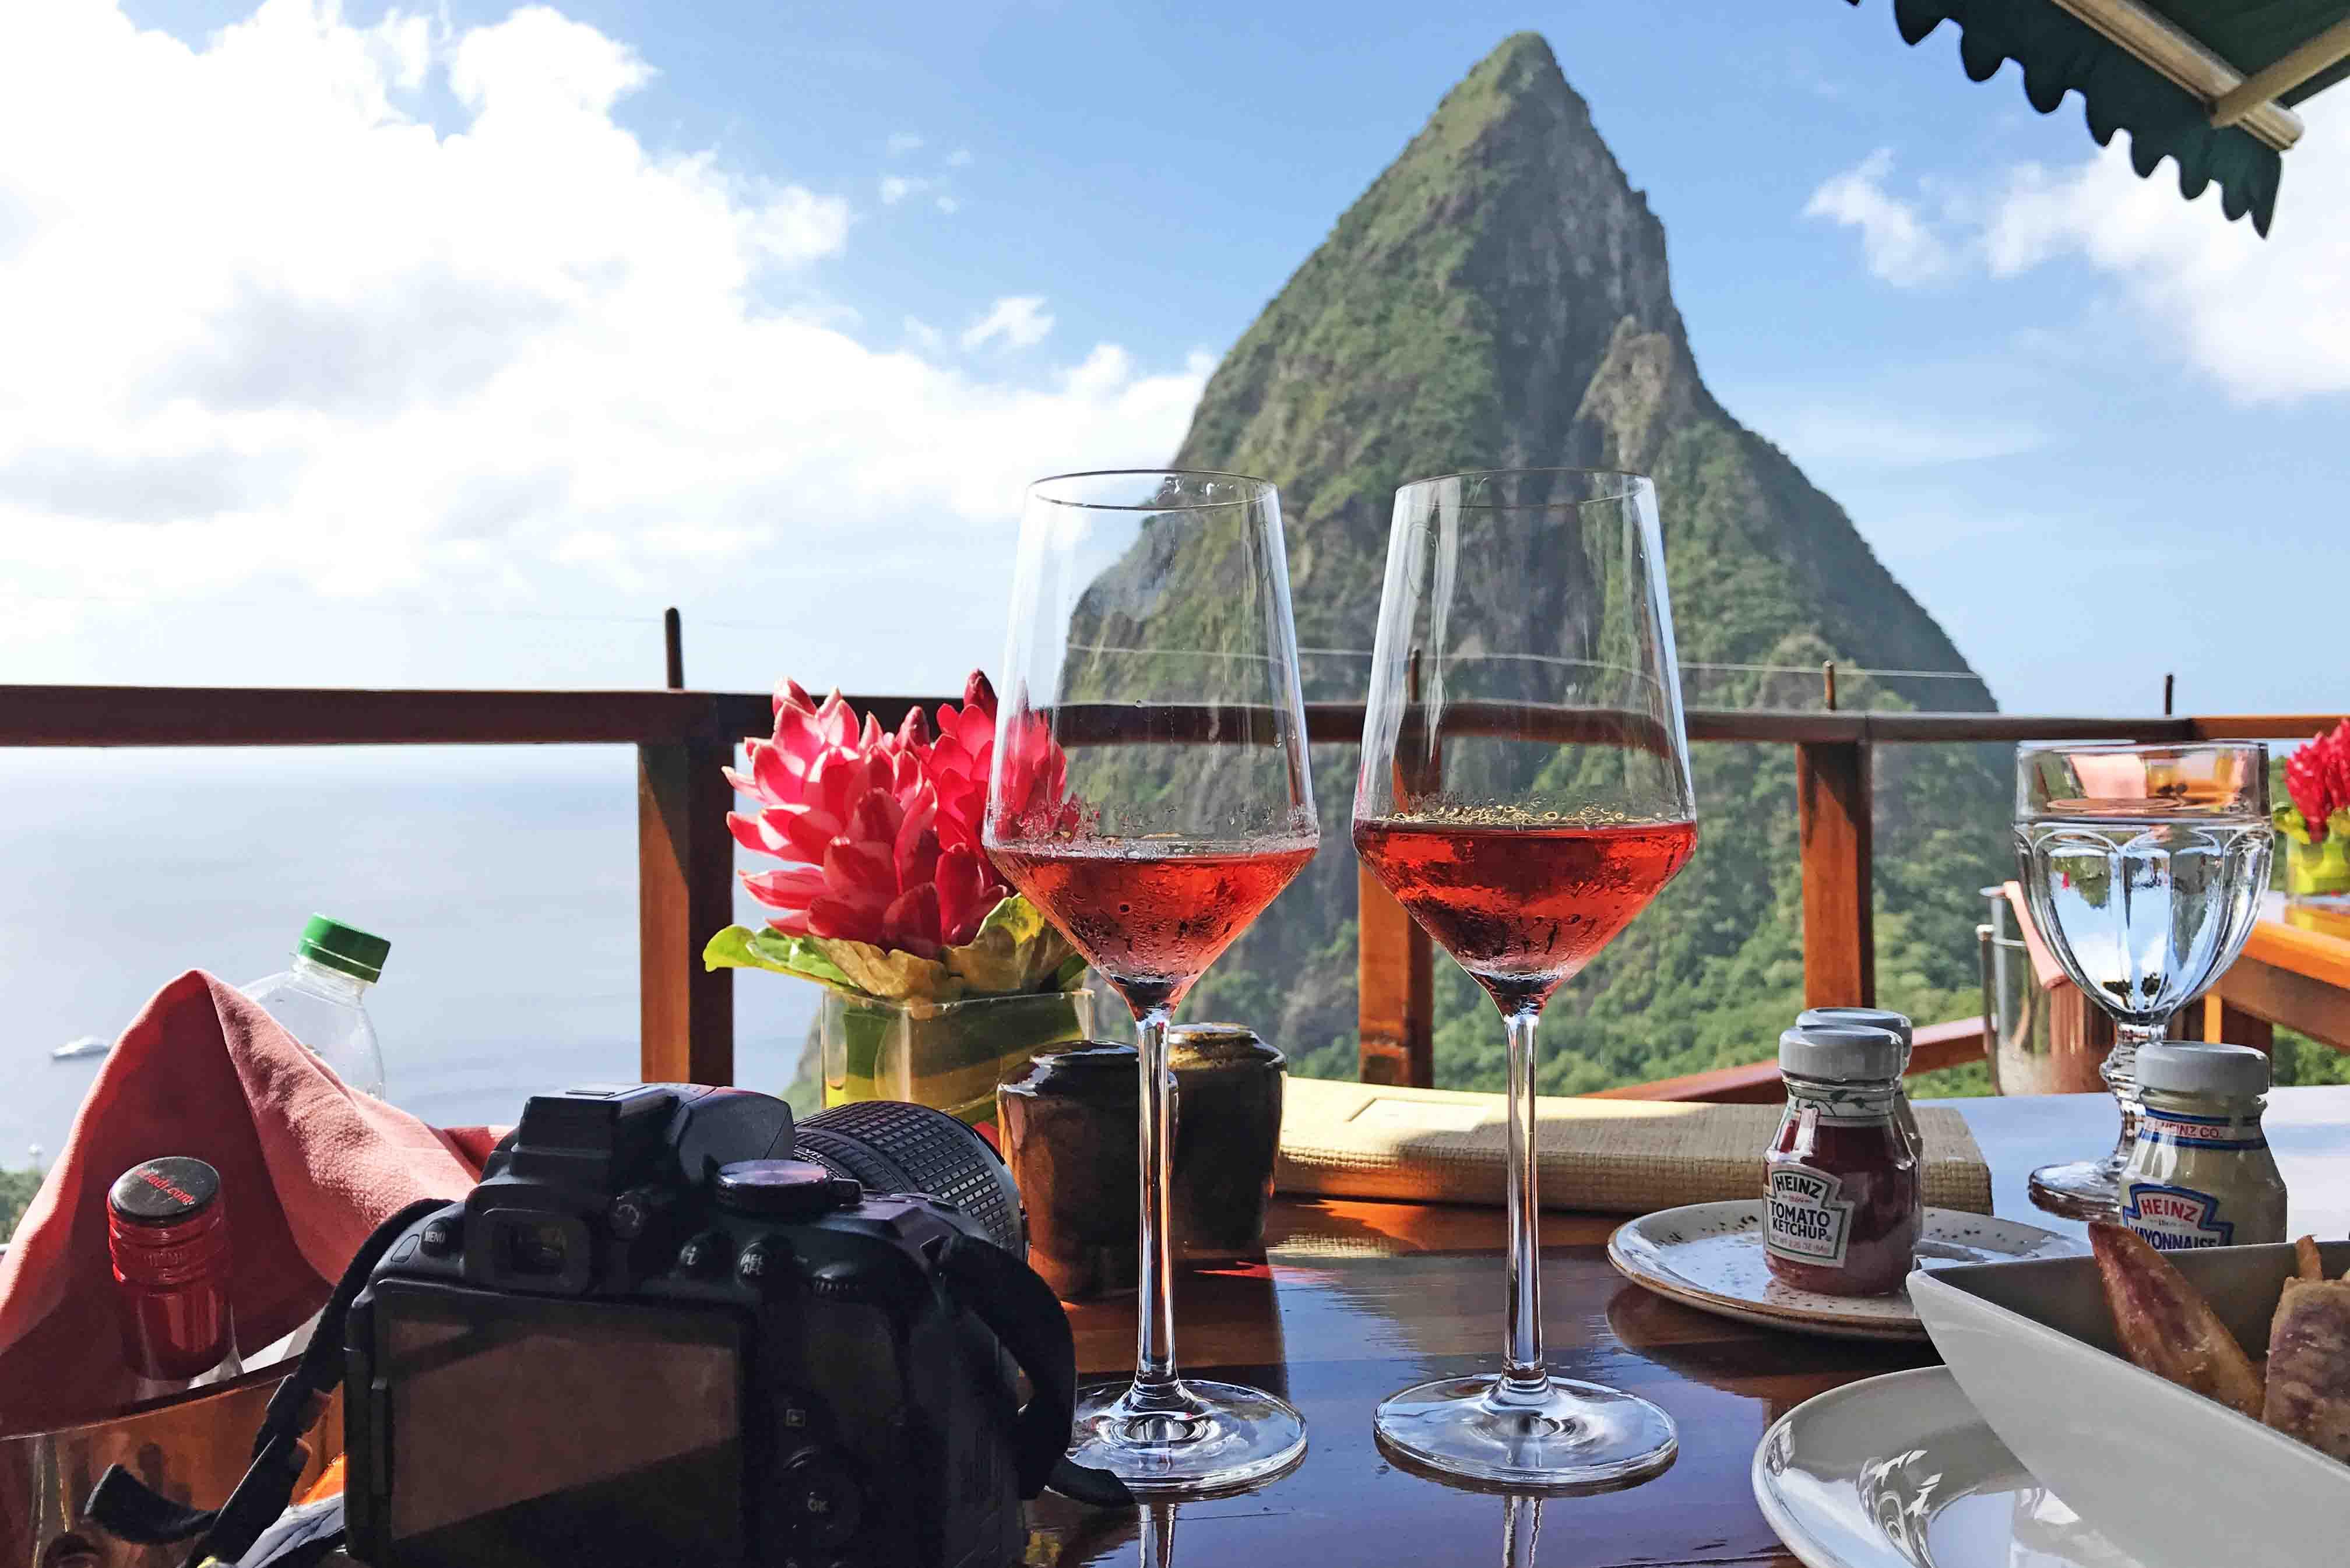 Restaurante com vista espetacular para os Pitons no hotel Ladera, em Saint Lucia | foto: Lala Rebelo